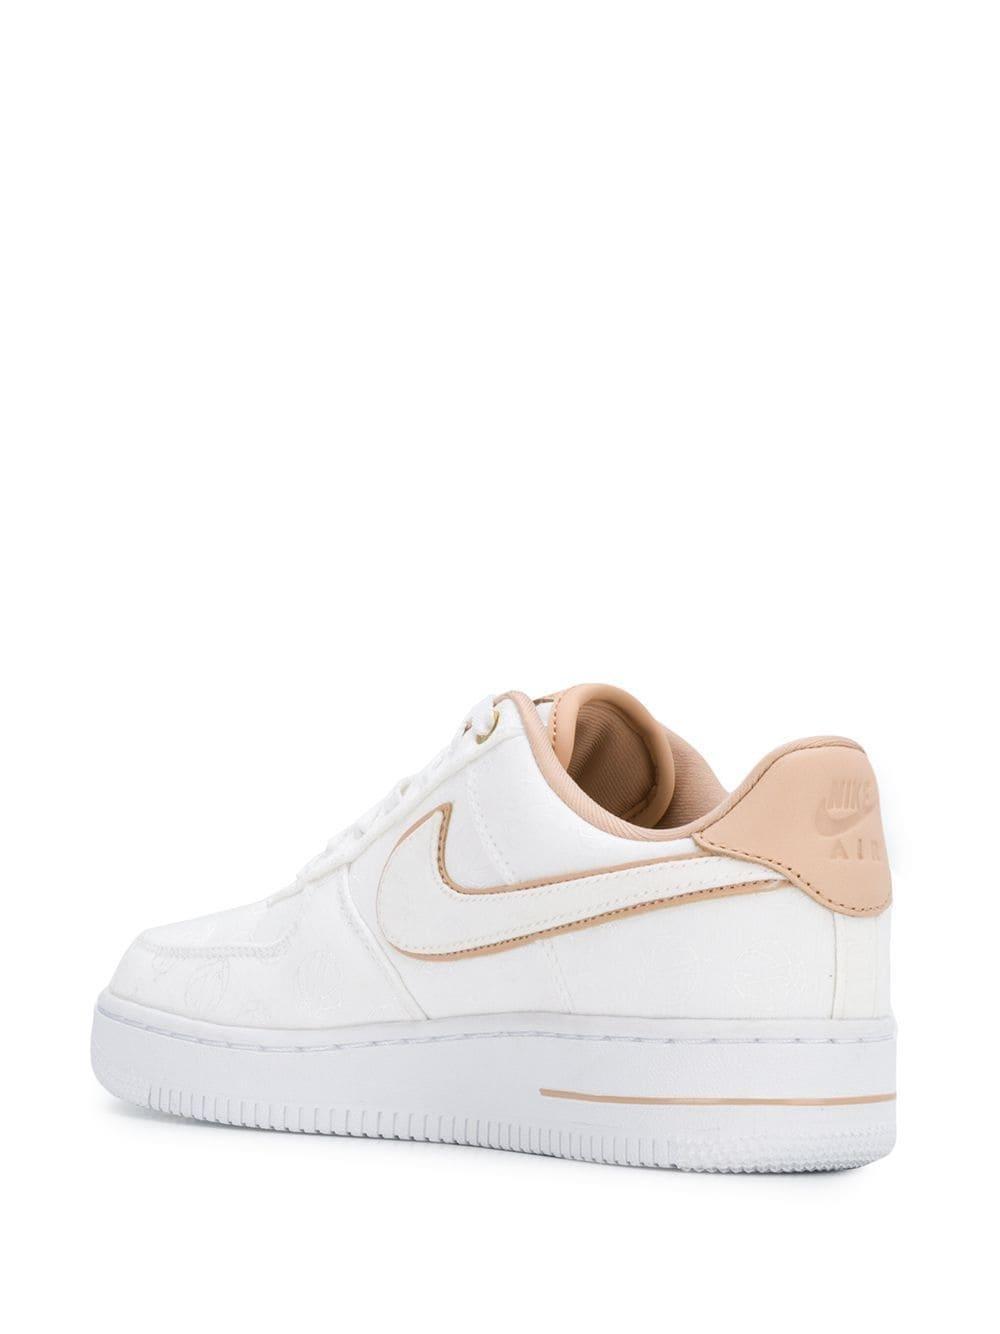 nike air force 1 scarpa